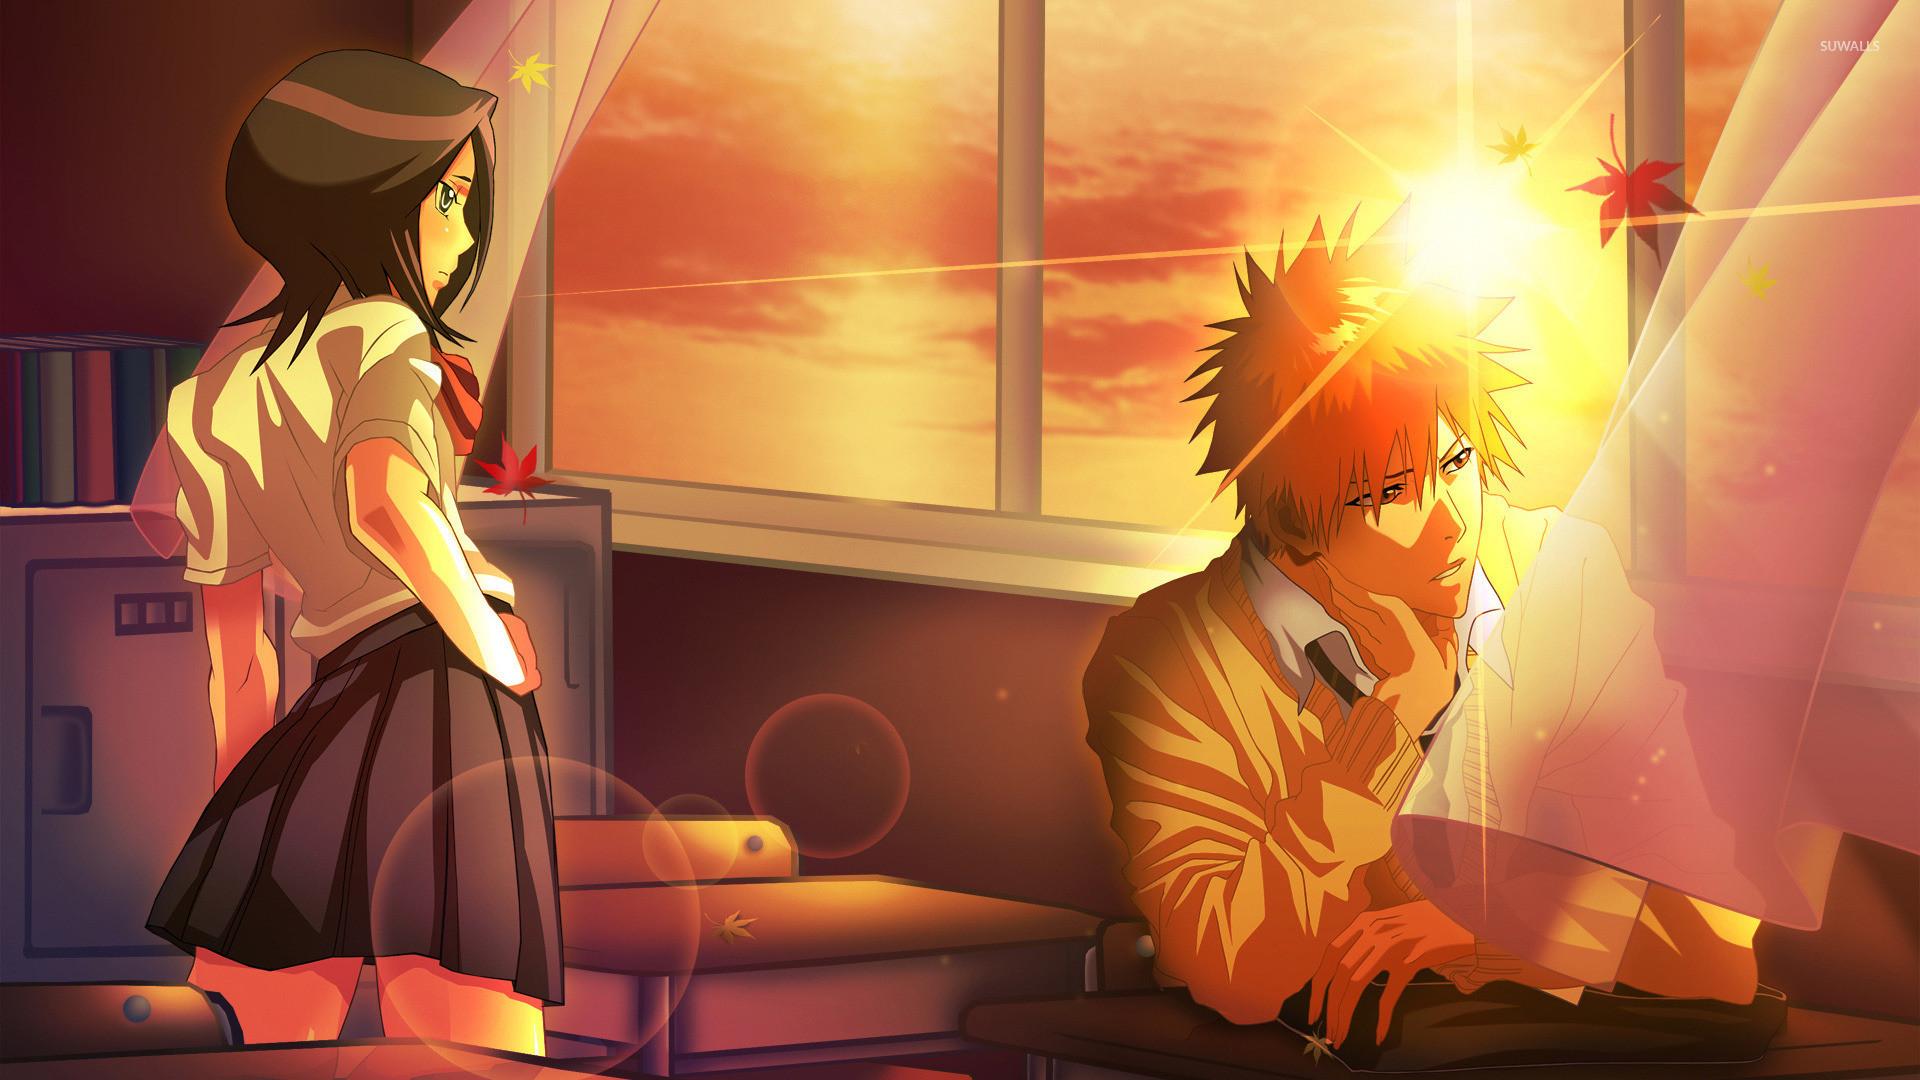 Rukia Kuchiki and Ichigo Kurosaki – Bleach wallpaper